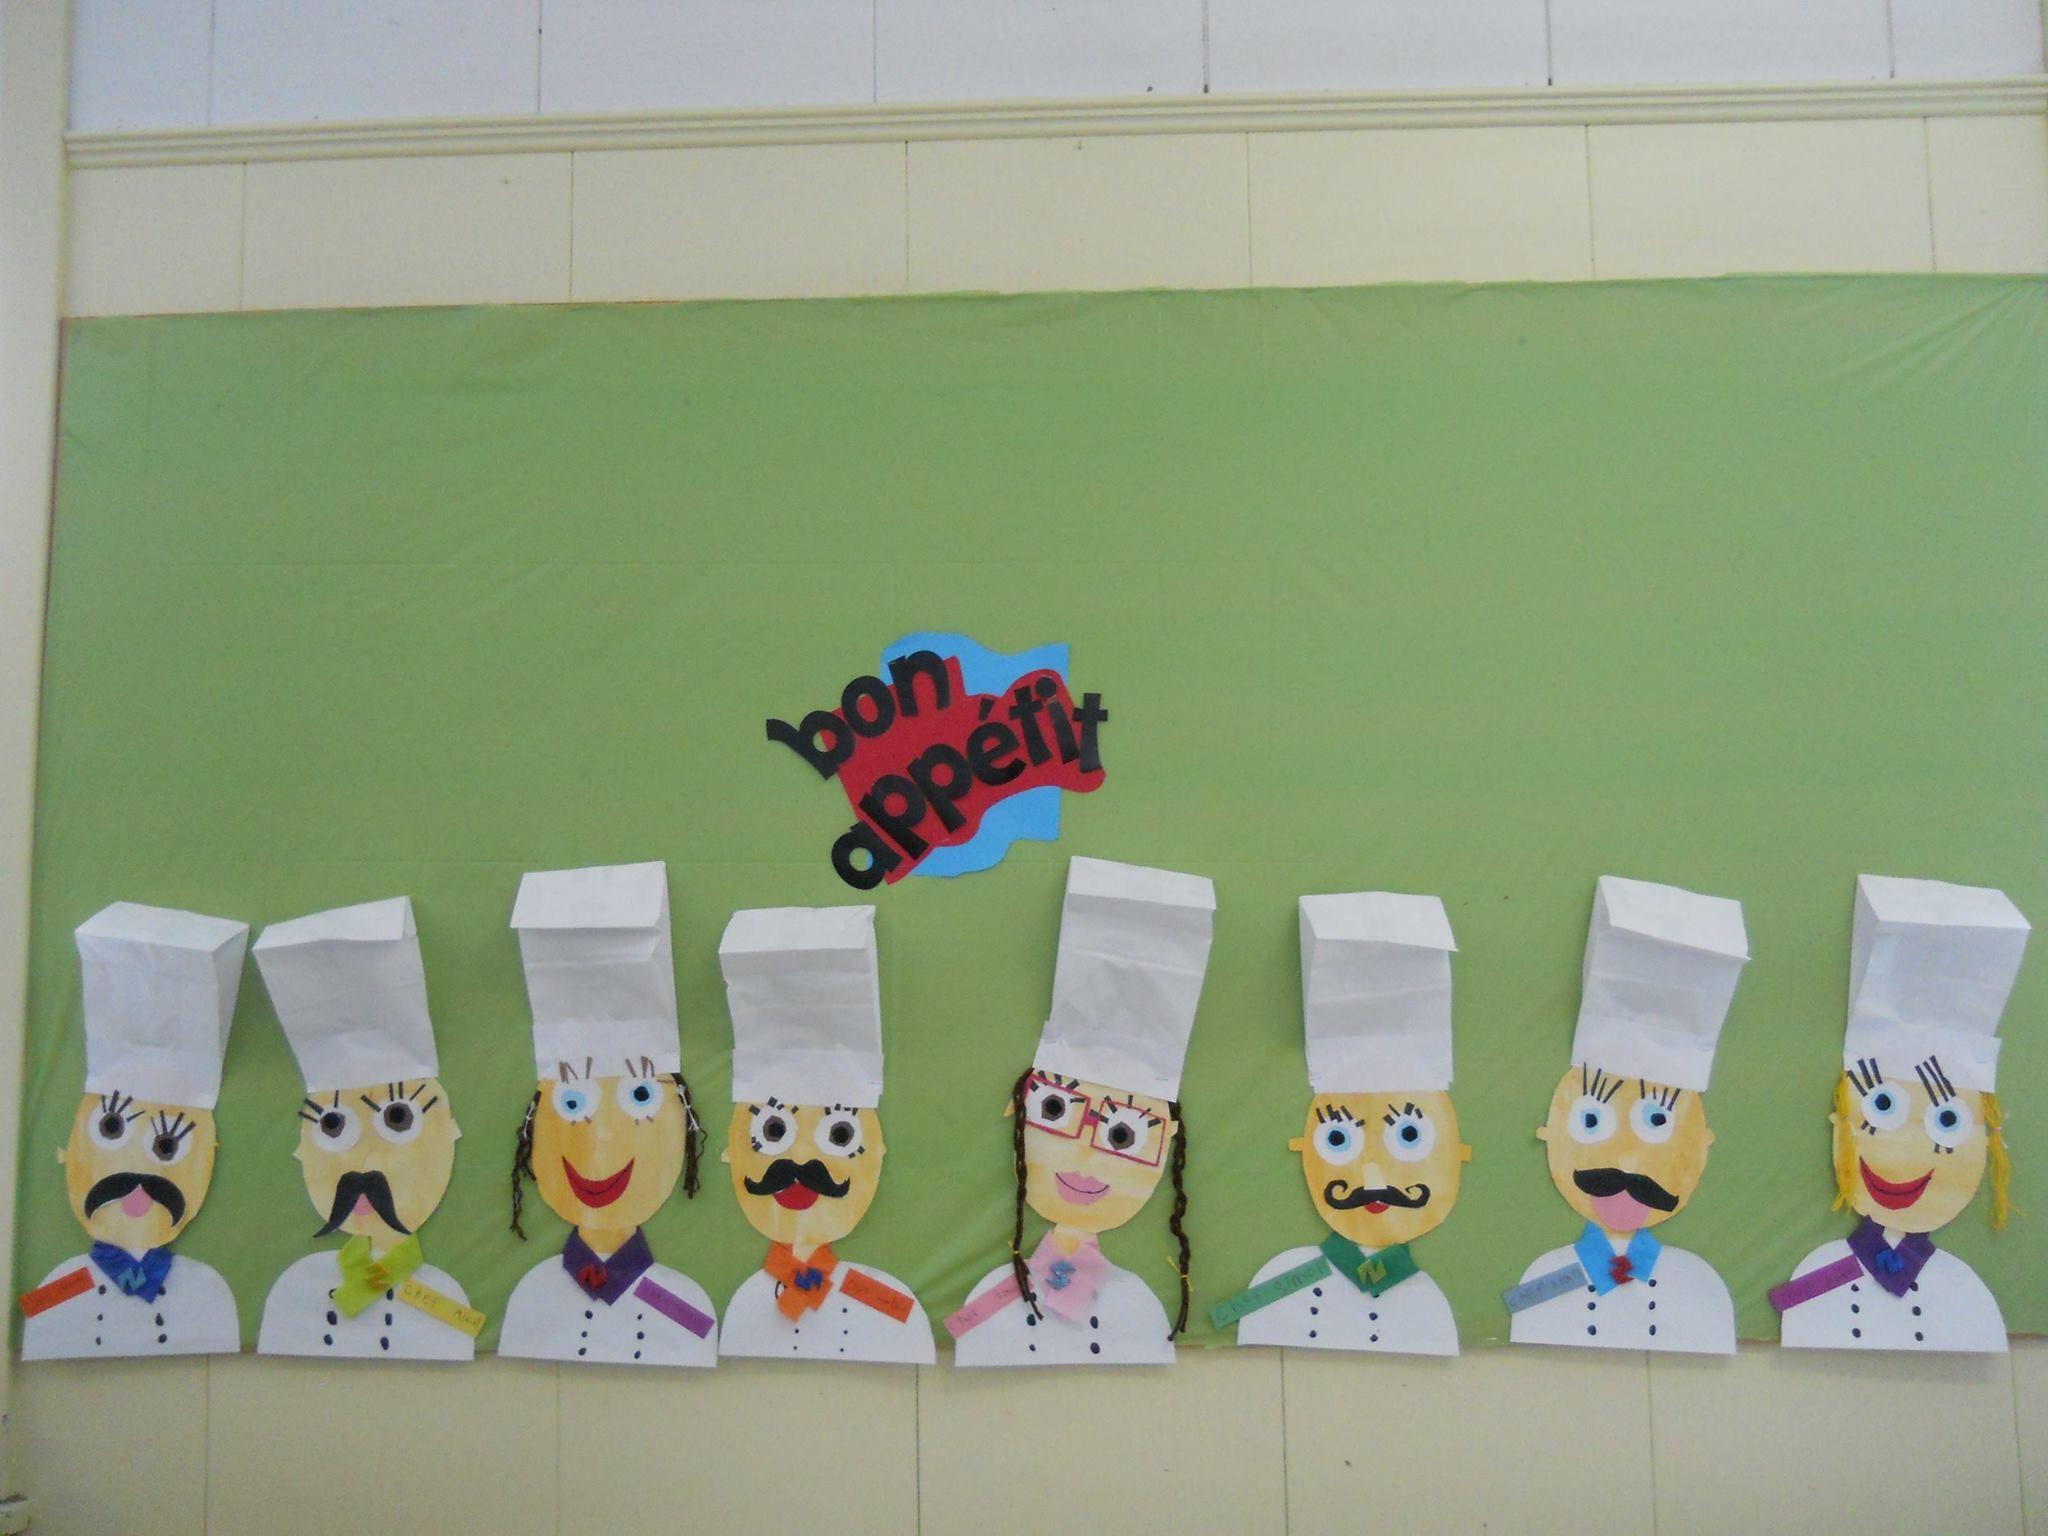 аппликация по профессиям повар картинки также комментаторы, которые